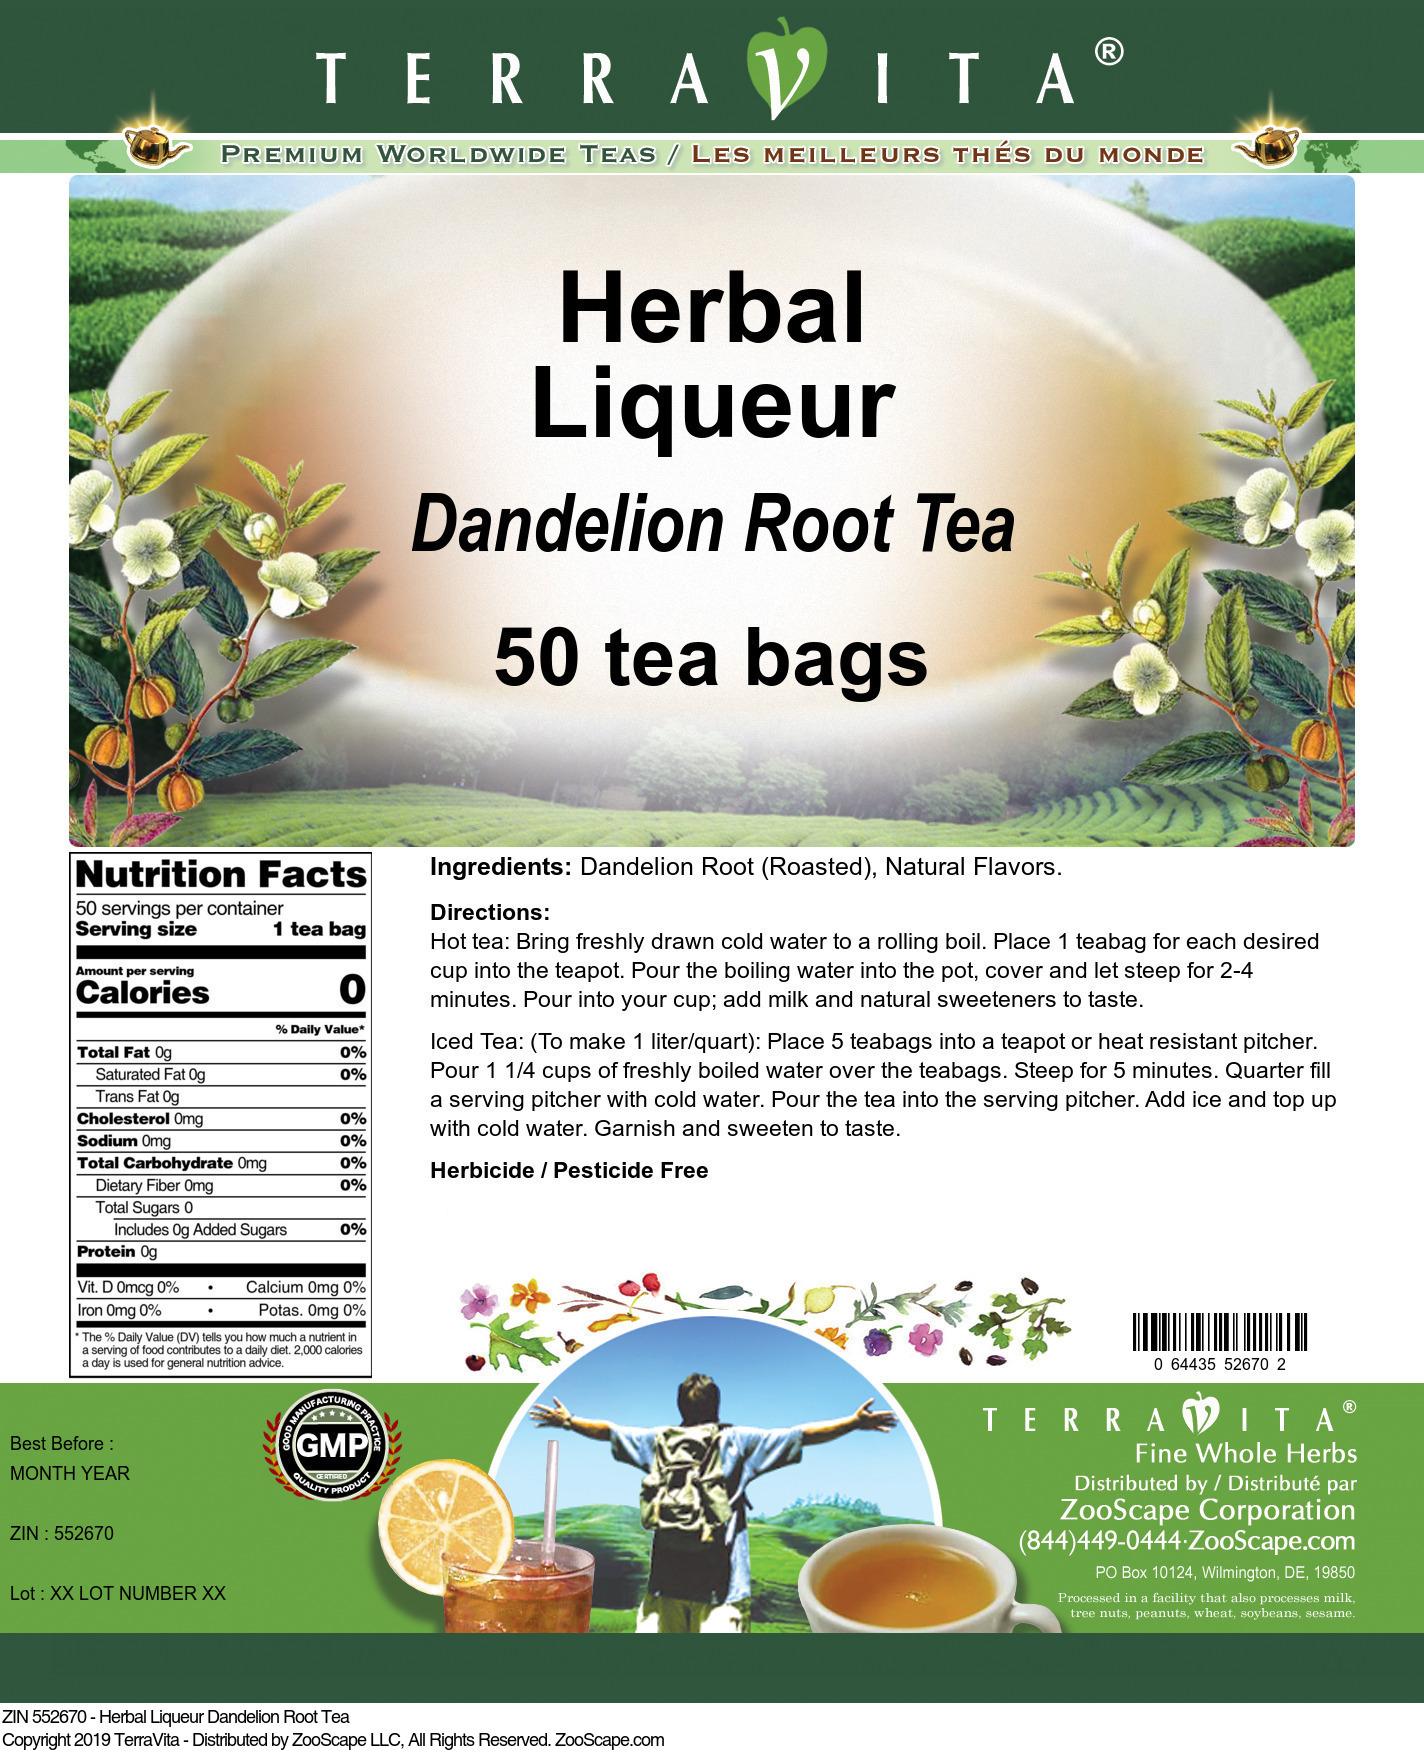 Herbal Liqueur Dandelion Root Tea